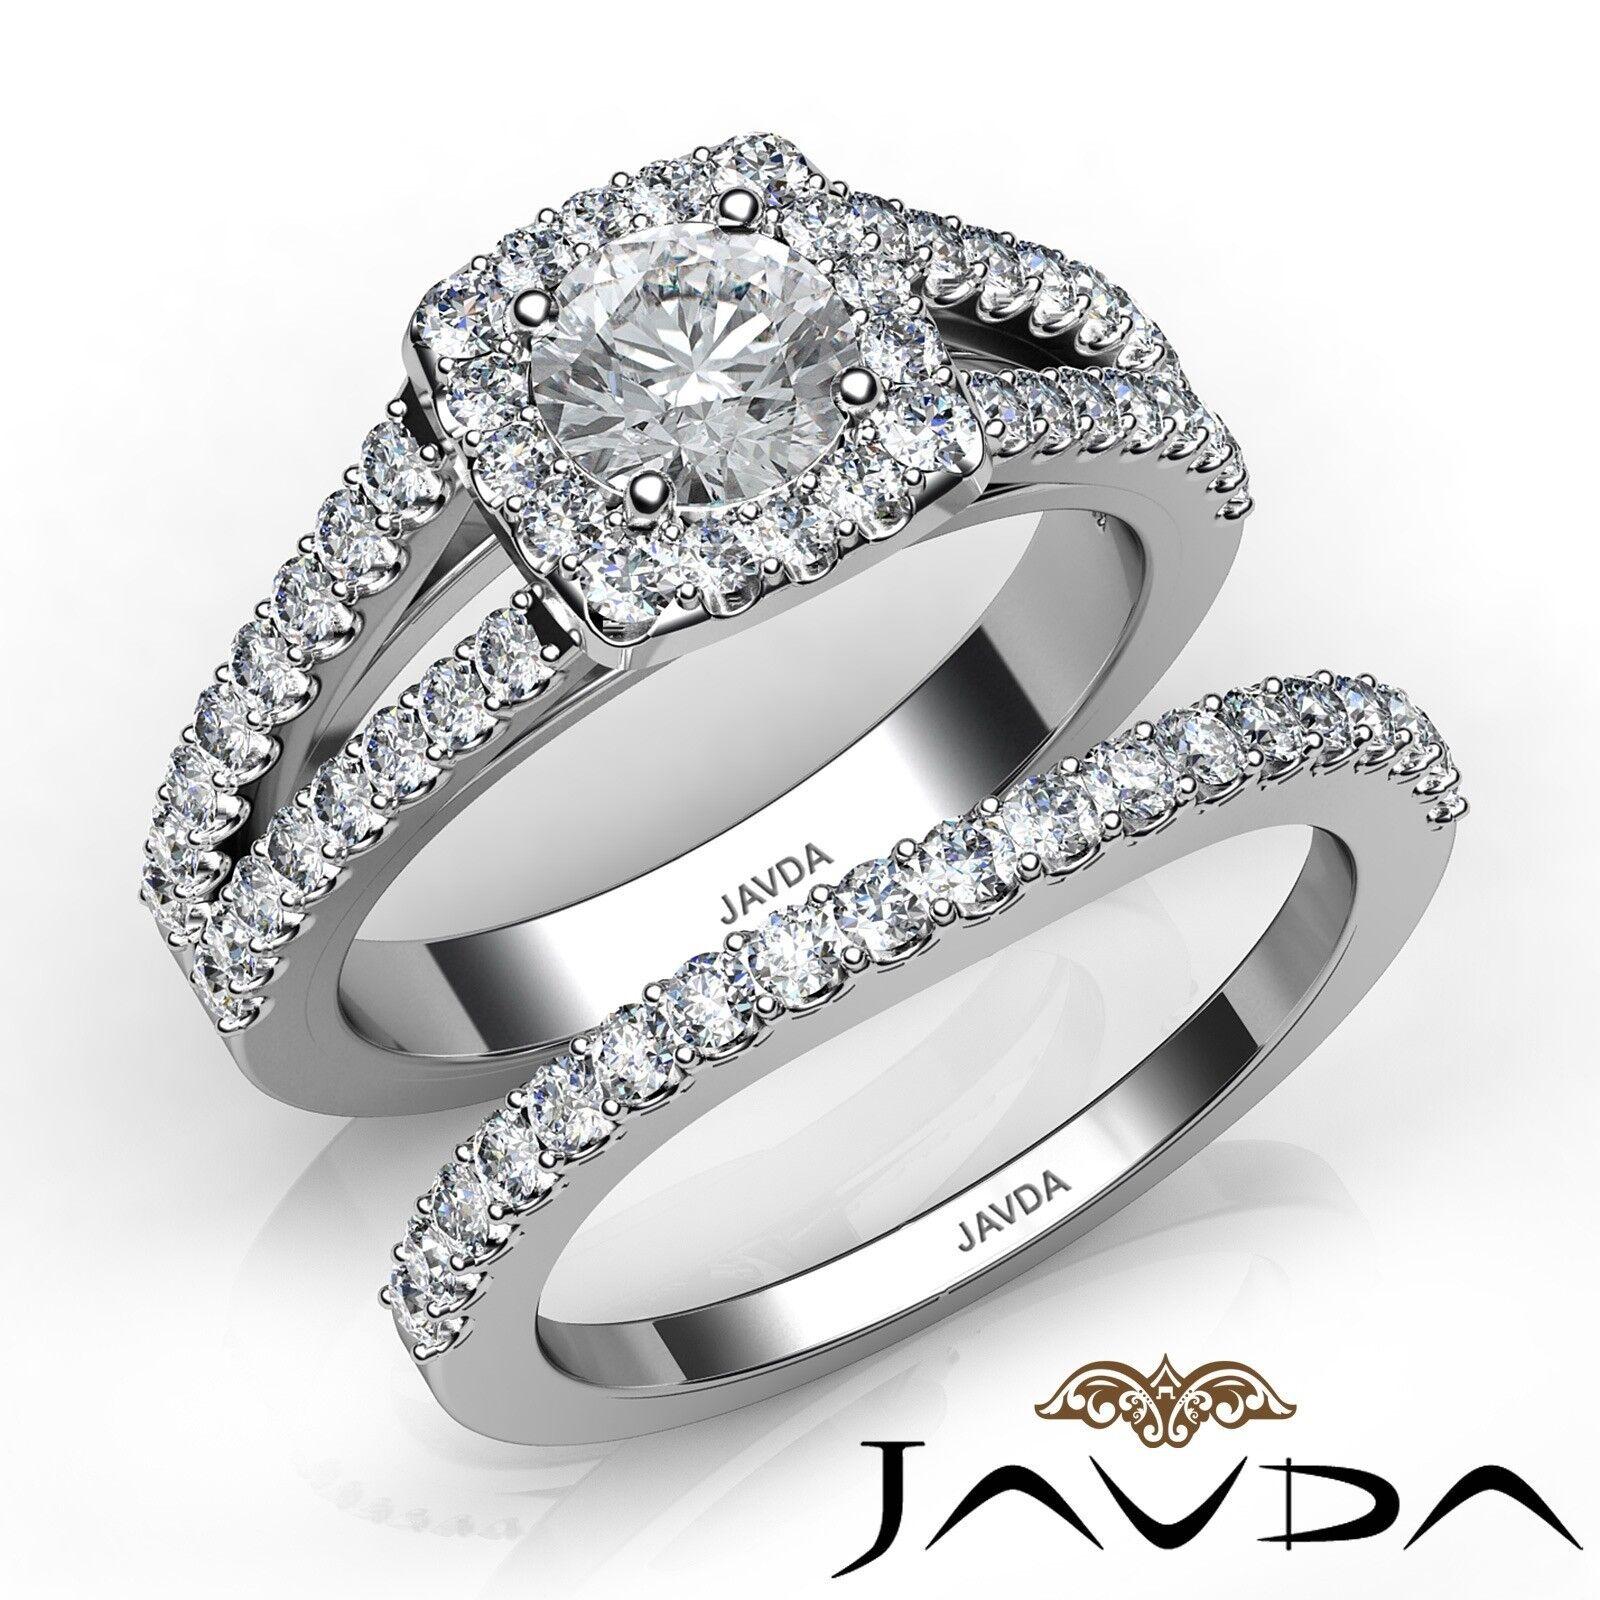 1.85ctw Charming Halo Bridal Set Round Diamond Engagement Ring GIA E-VS1 W Gold